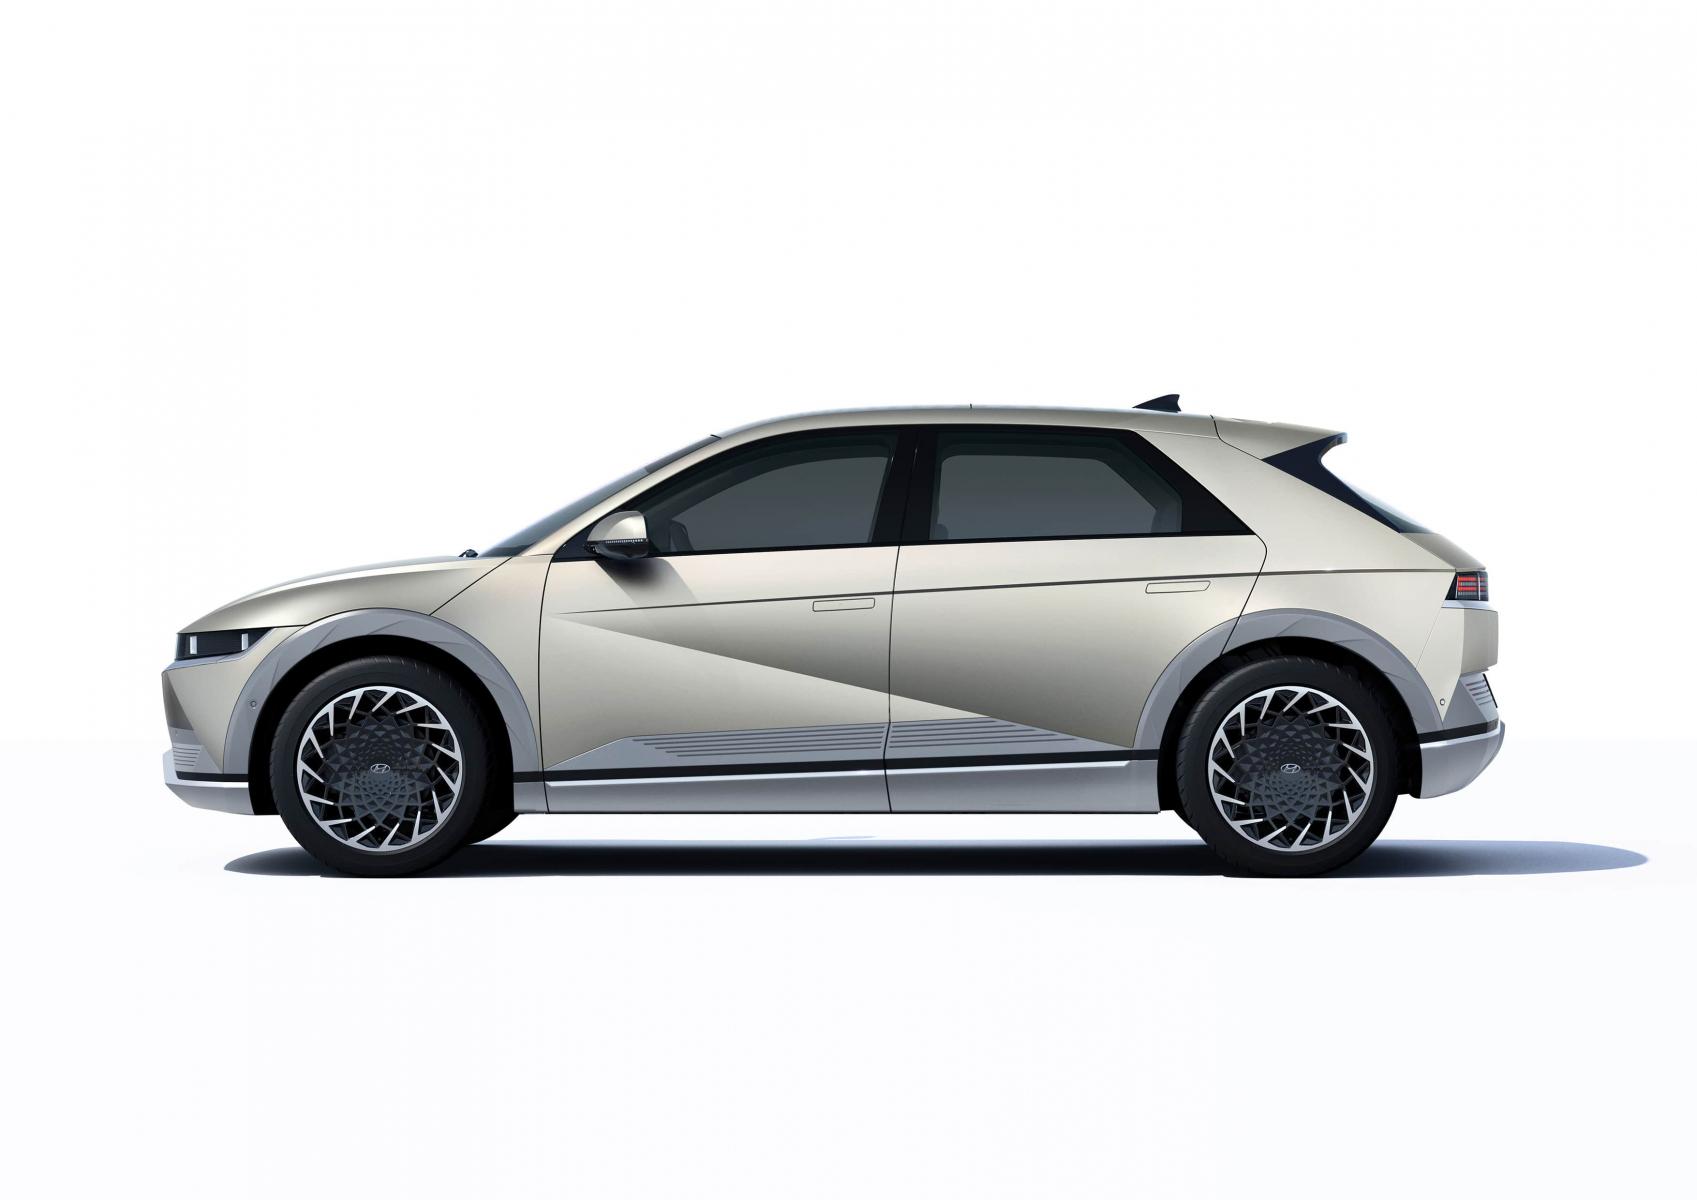 Hyundai IONIQ 5 переосмислює спосіб життя з електричною мобільністю | Едем-Авто - фото 12